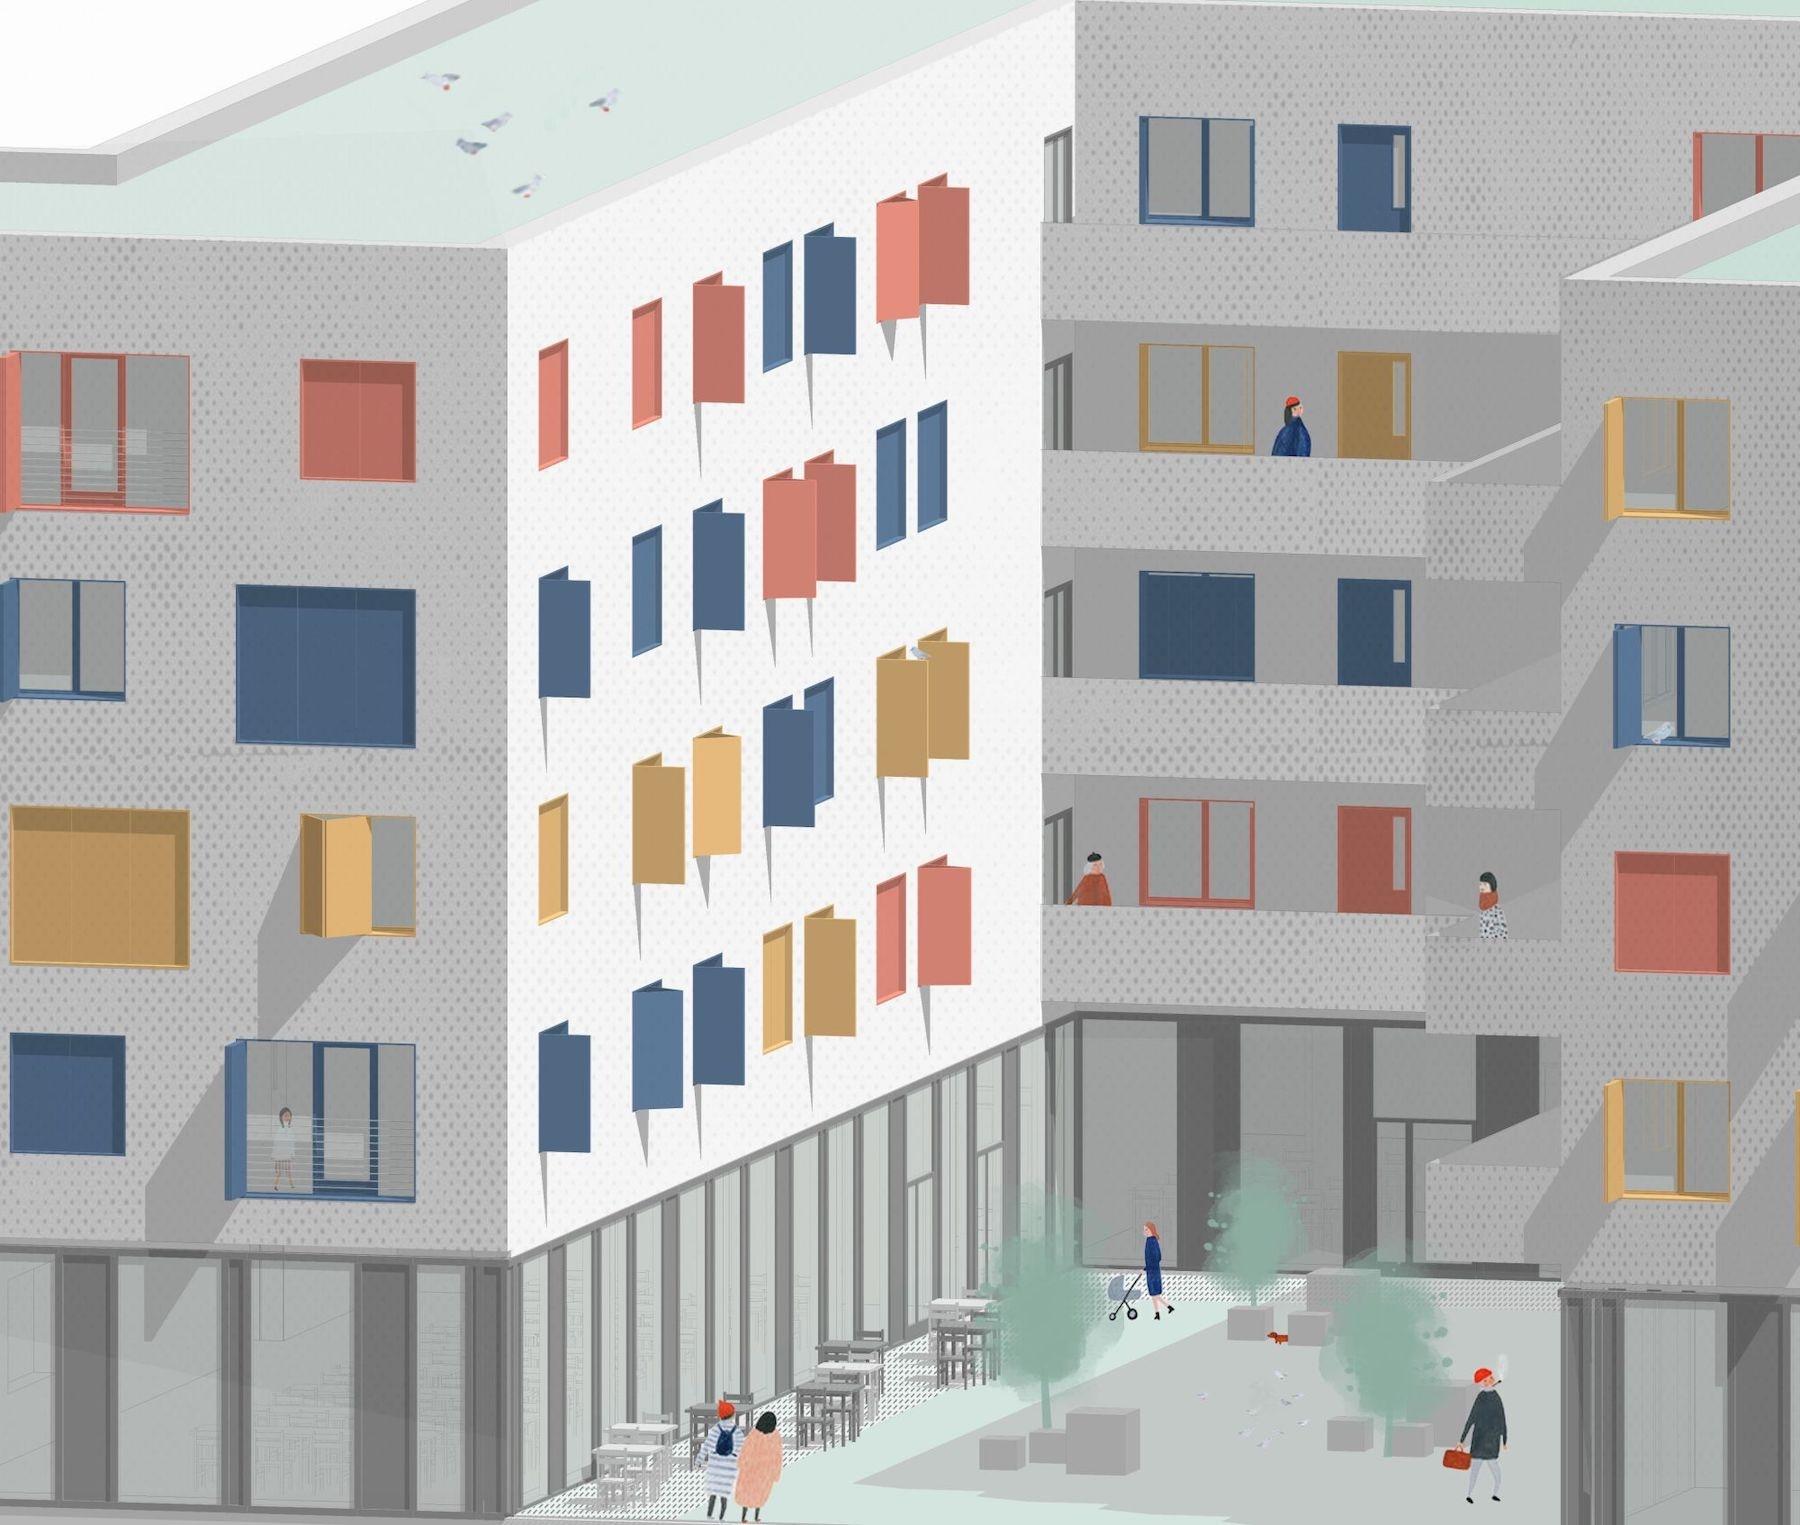 A Hermes a lakhatási lehetőséget érinti opciócsere stratégiák